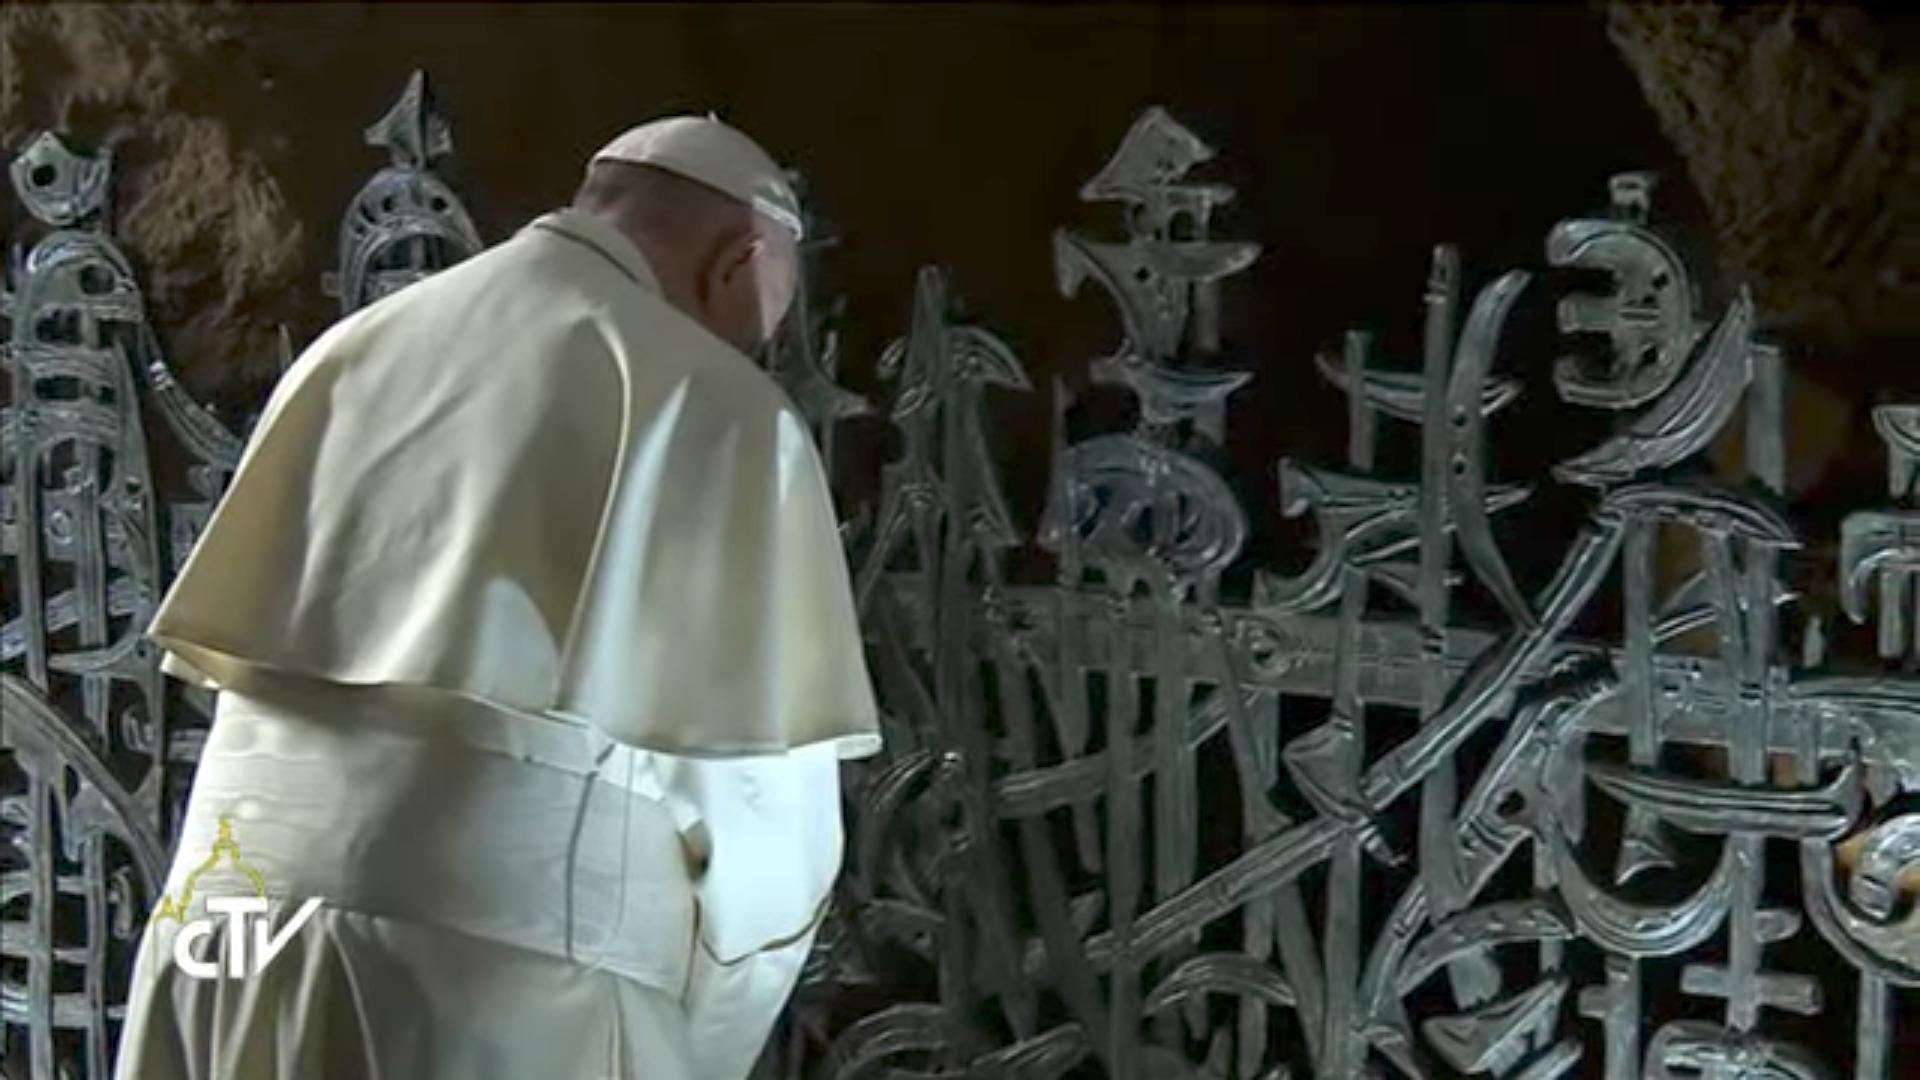 Le pape aux Fosses ardéatines, 02/11/2017, capture CTV